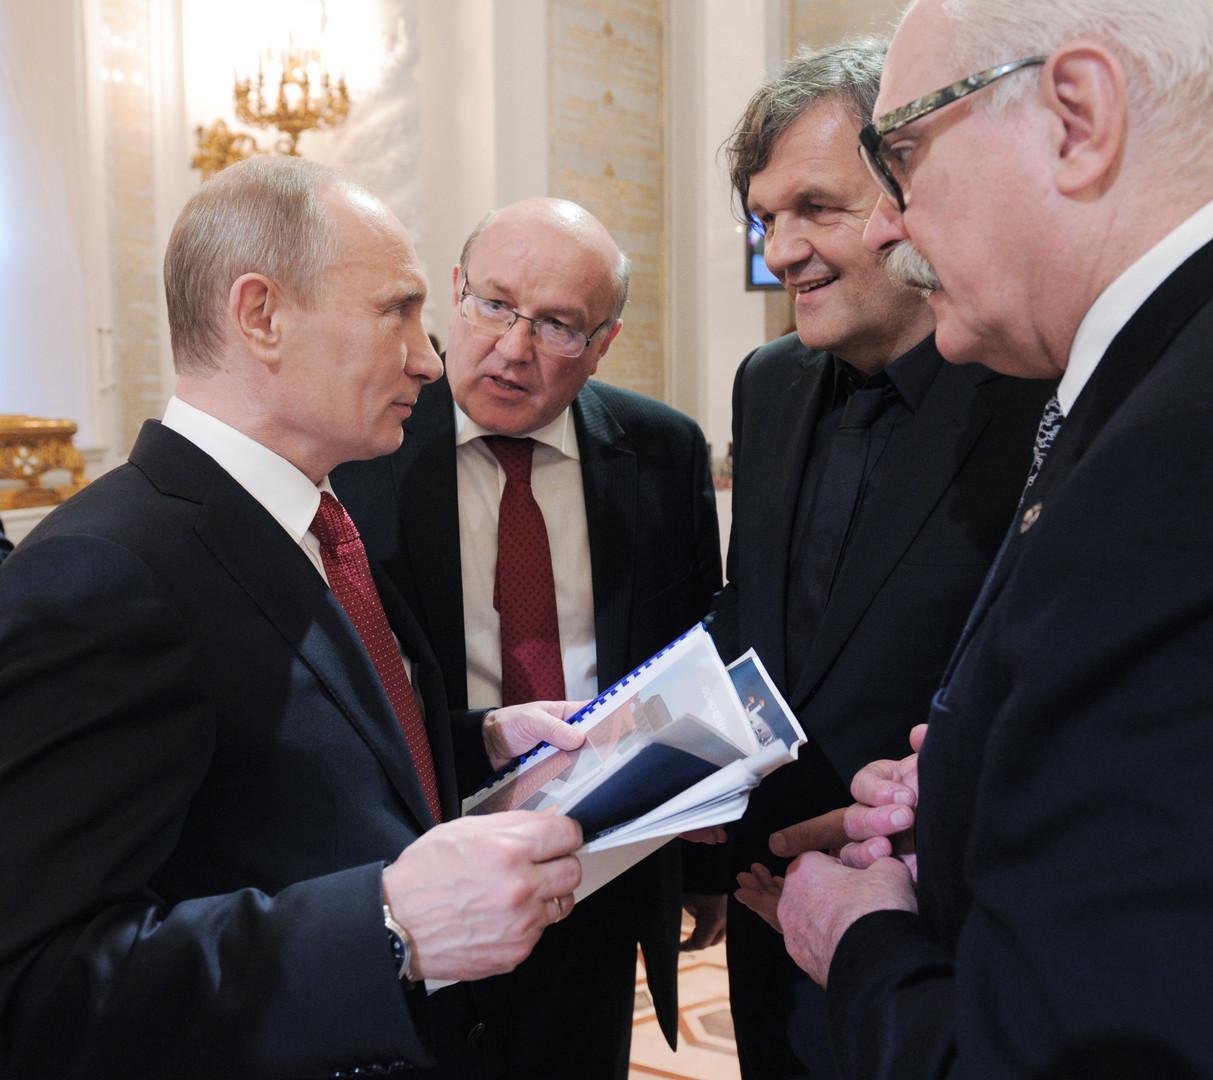 Non, ce n'est pas parce qu'il est ami avec Vladimir Poutine qu'Emir Kusturica ne sera pas à Cannes